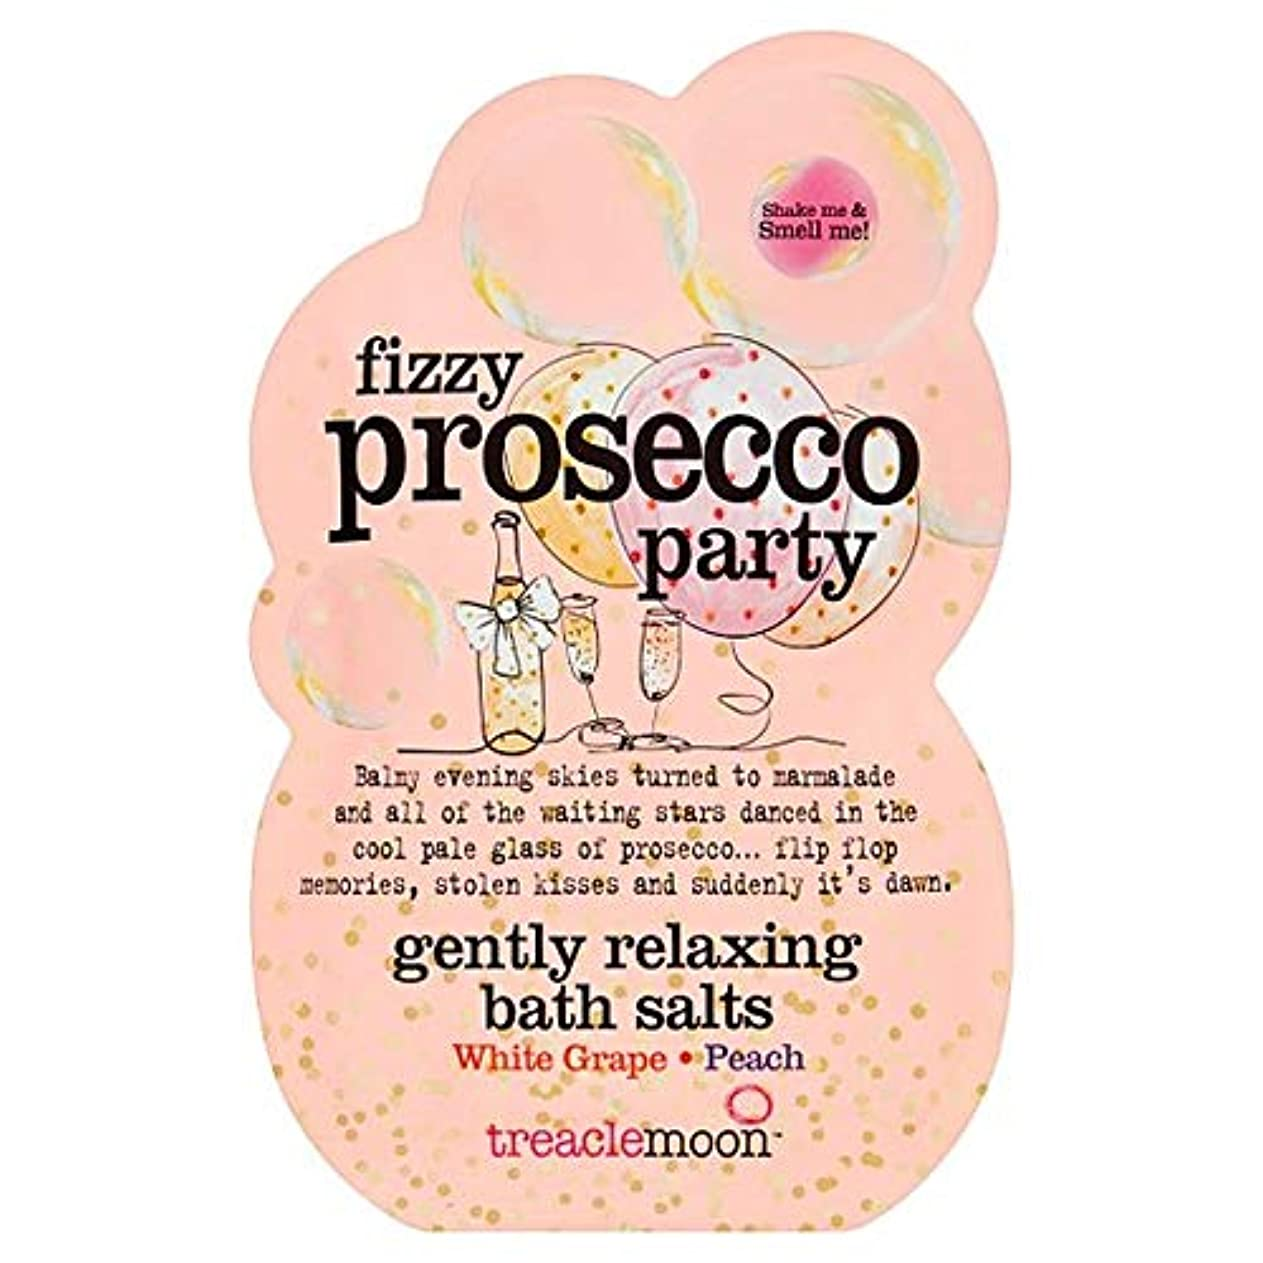 ドナー注入ハード[Treacle Moon] Treaclemoonプロセッコパーティーバスソルトの80グラム - Treaclemoon Prosecco Party Bath Salts 80G [並行輸入品]